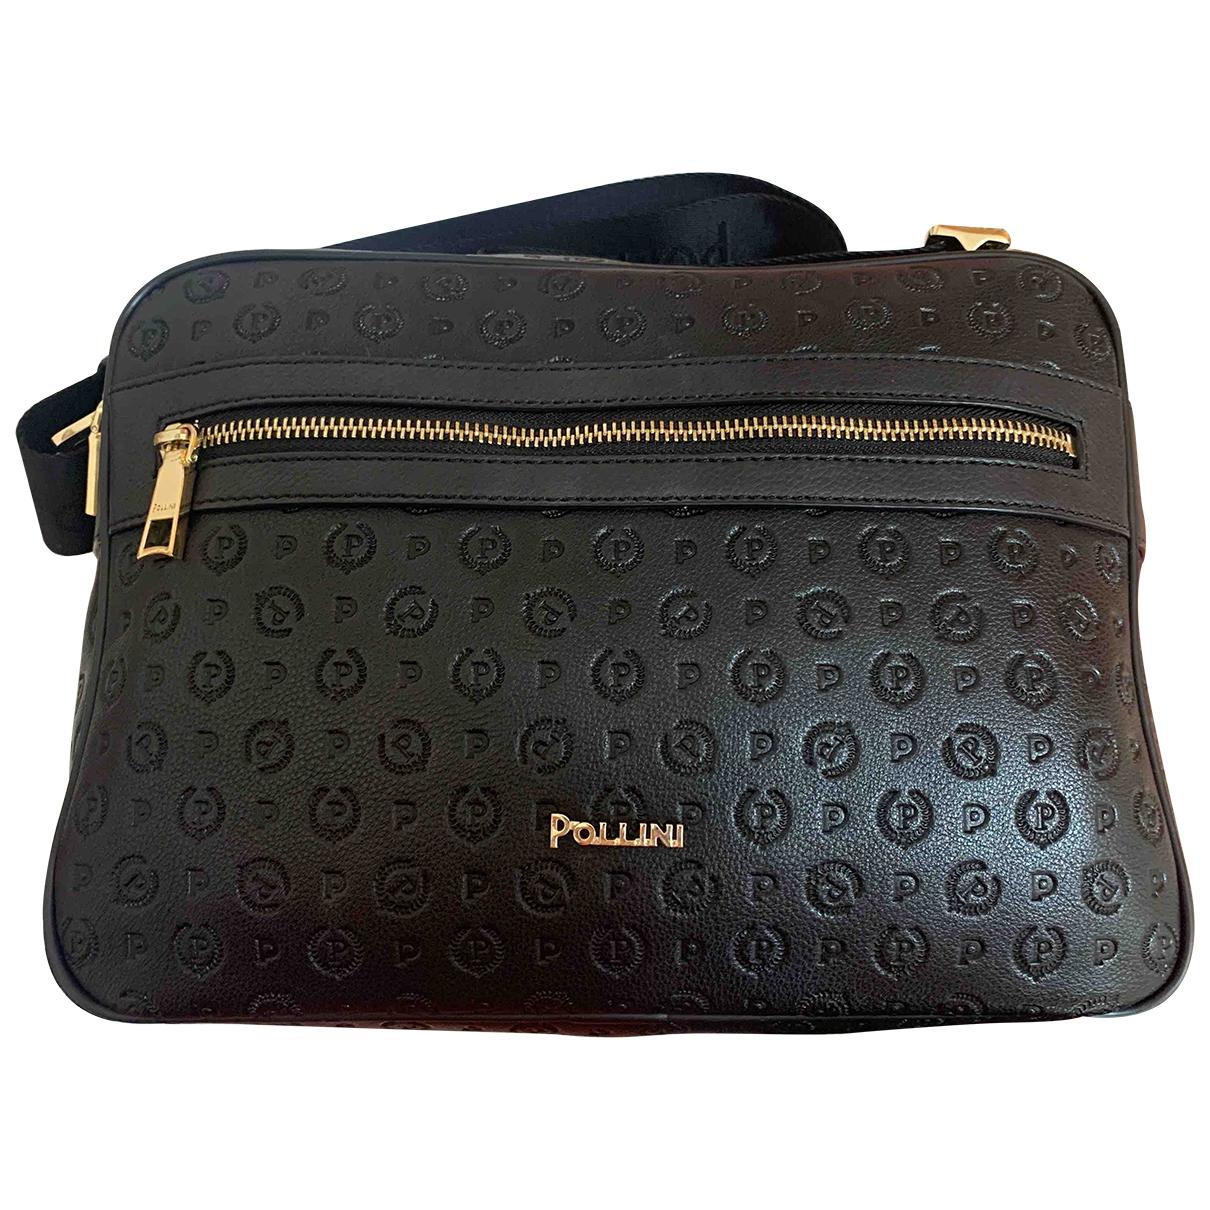 Pollini - Sac a main   pour femme en cuir - noir